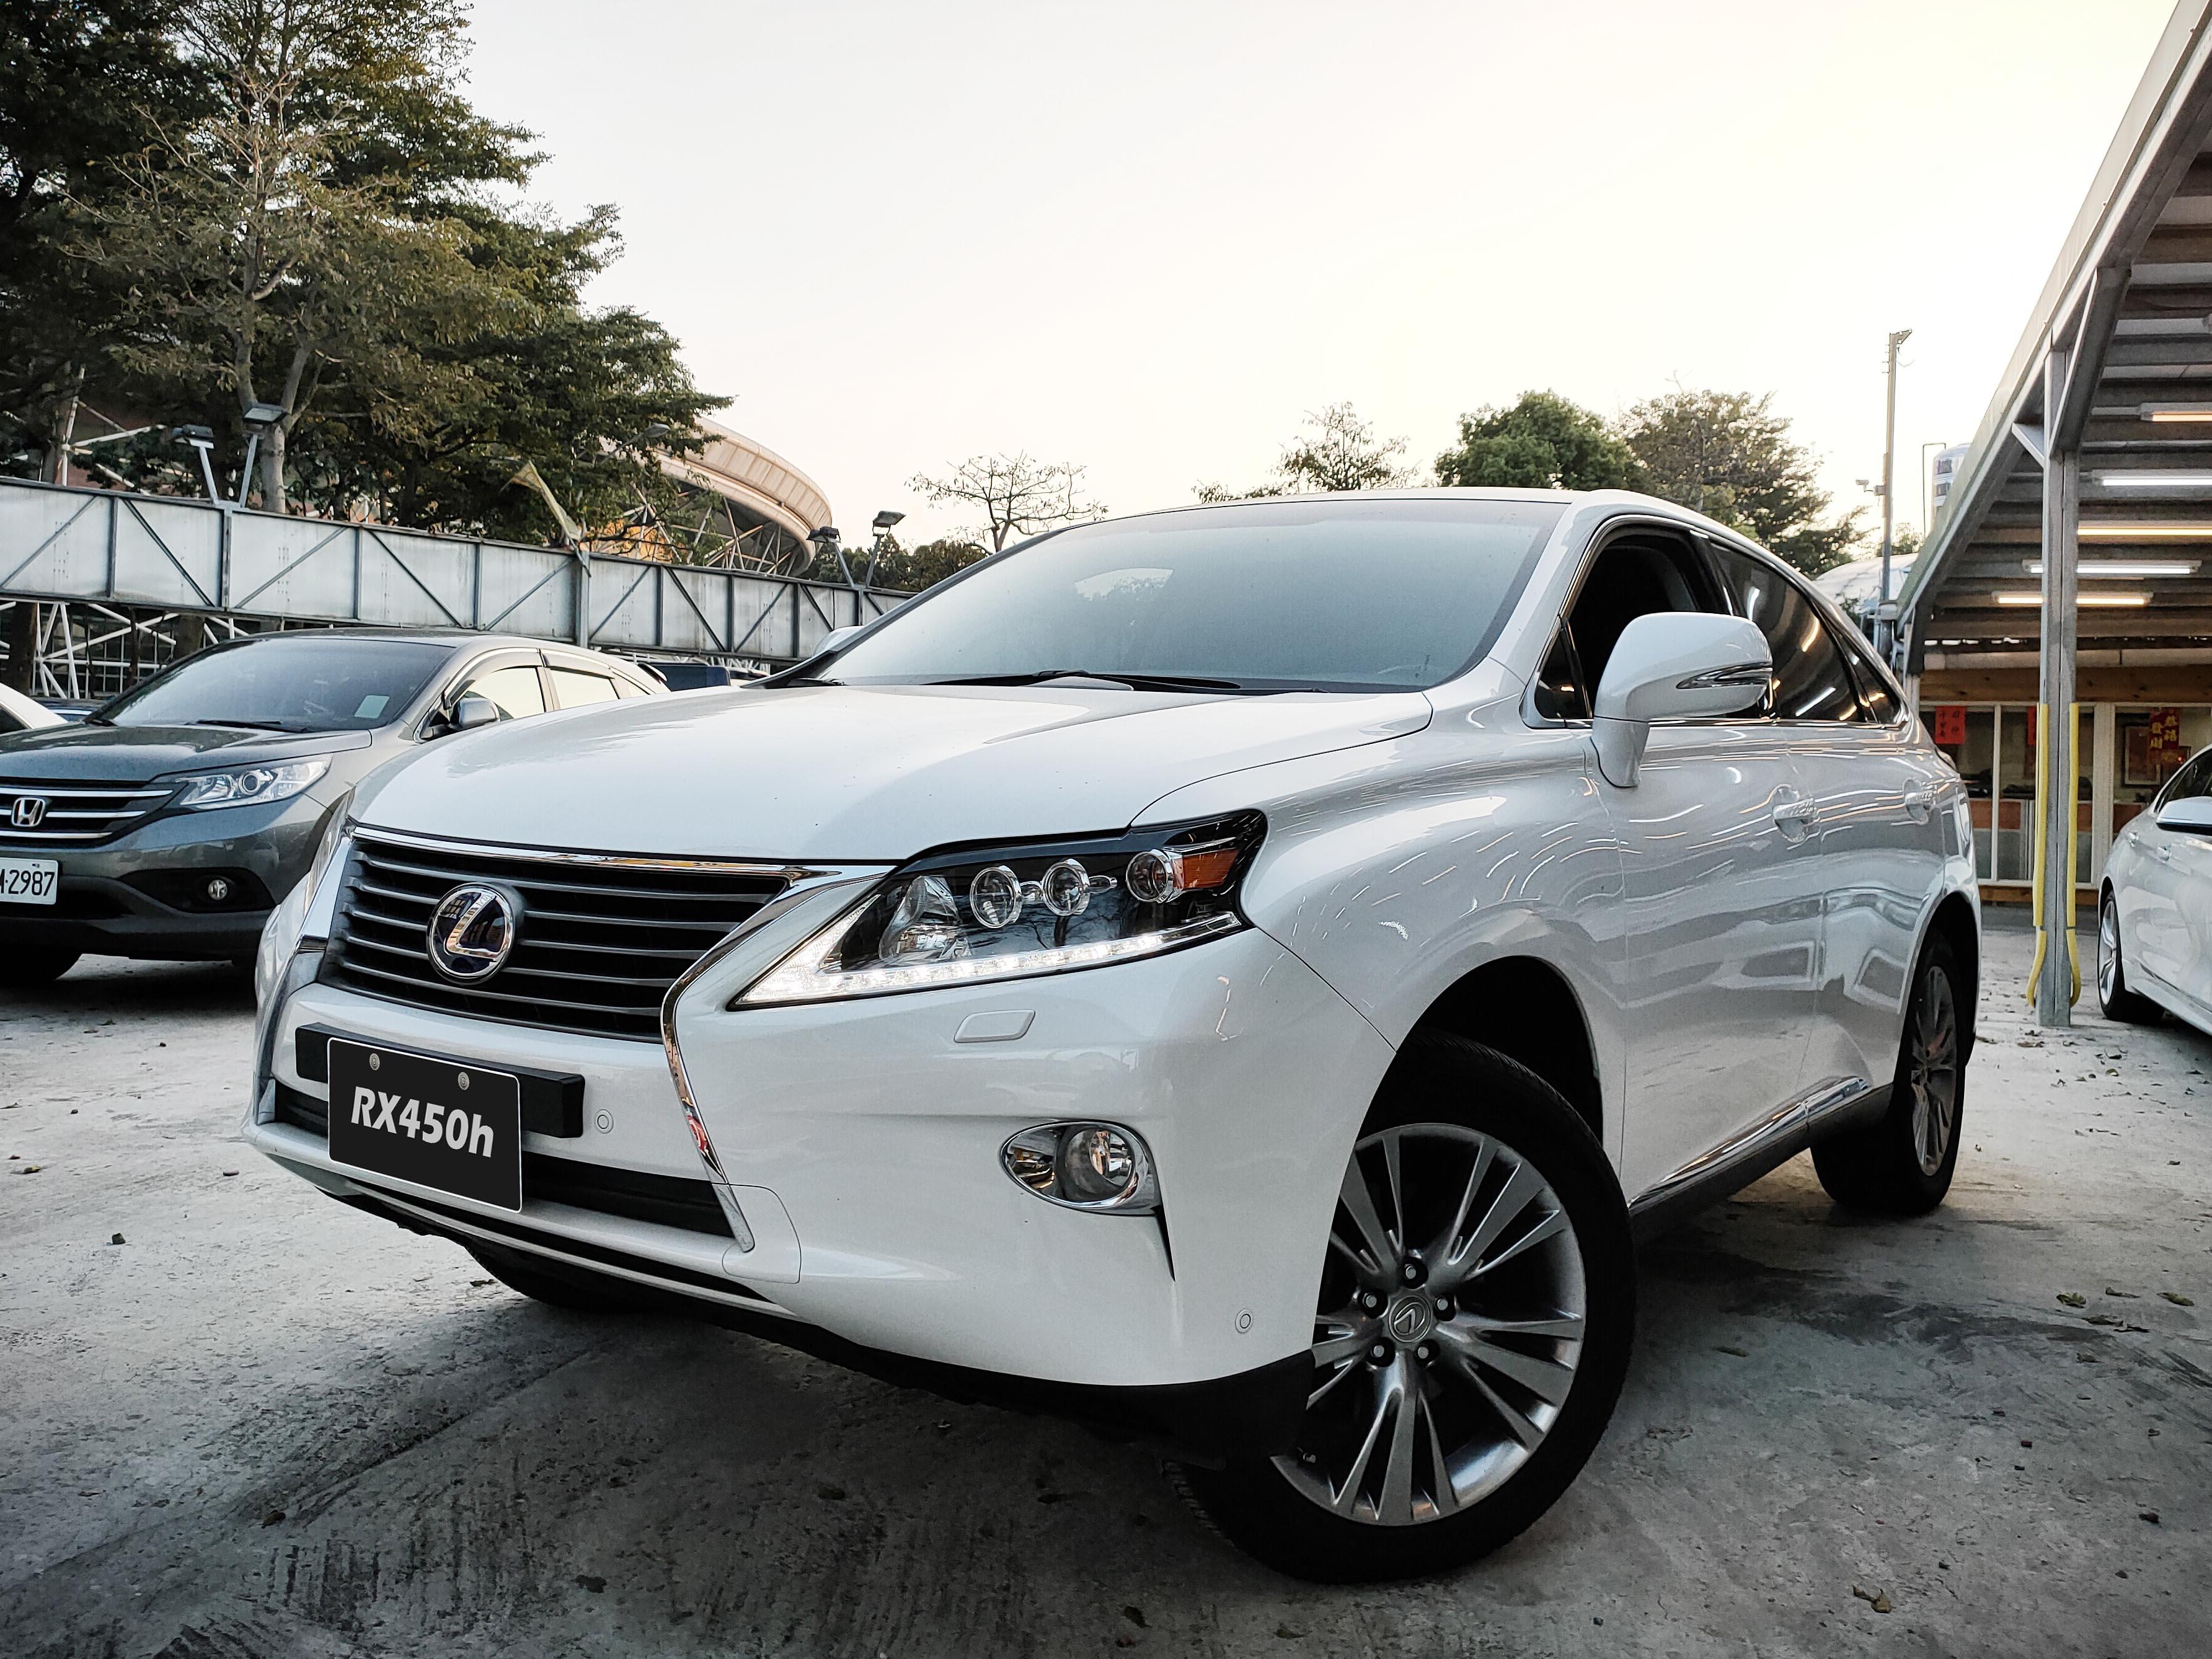 2014 Lexus 凌志 Rx